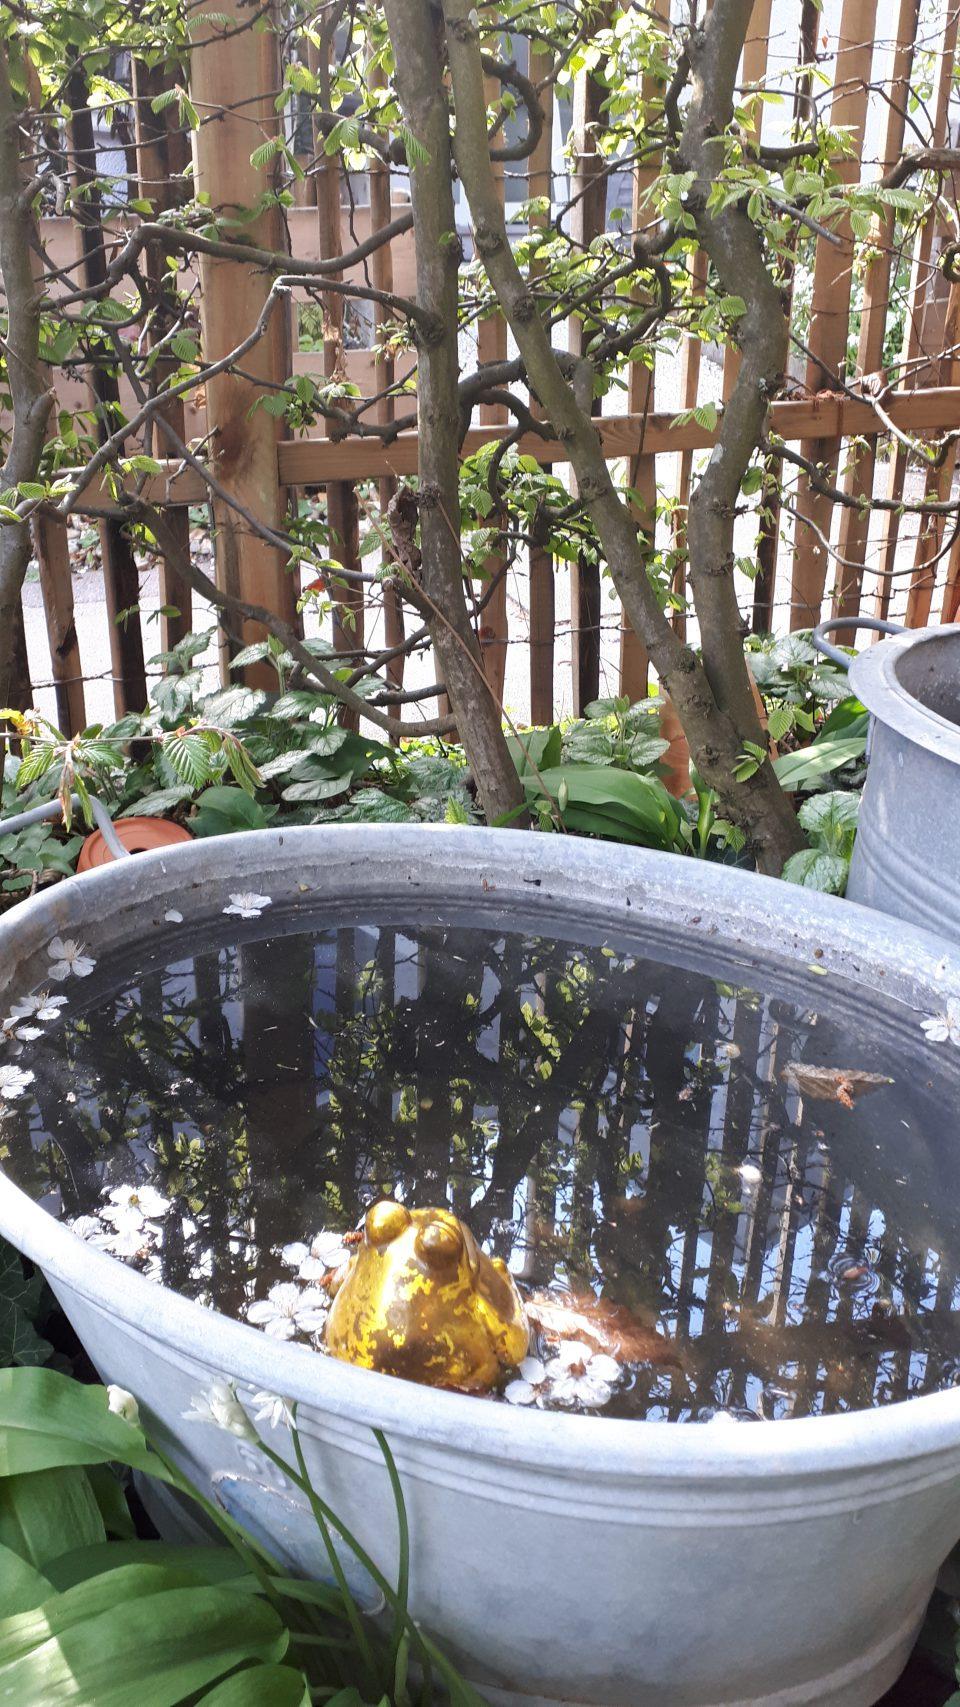 Die Zinkwanne als Miniteich hat nicht gut funktioniert da Blätter und Früchte hinein gefallen sind.